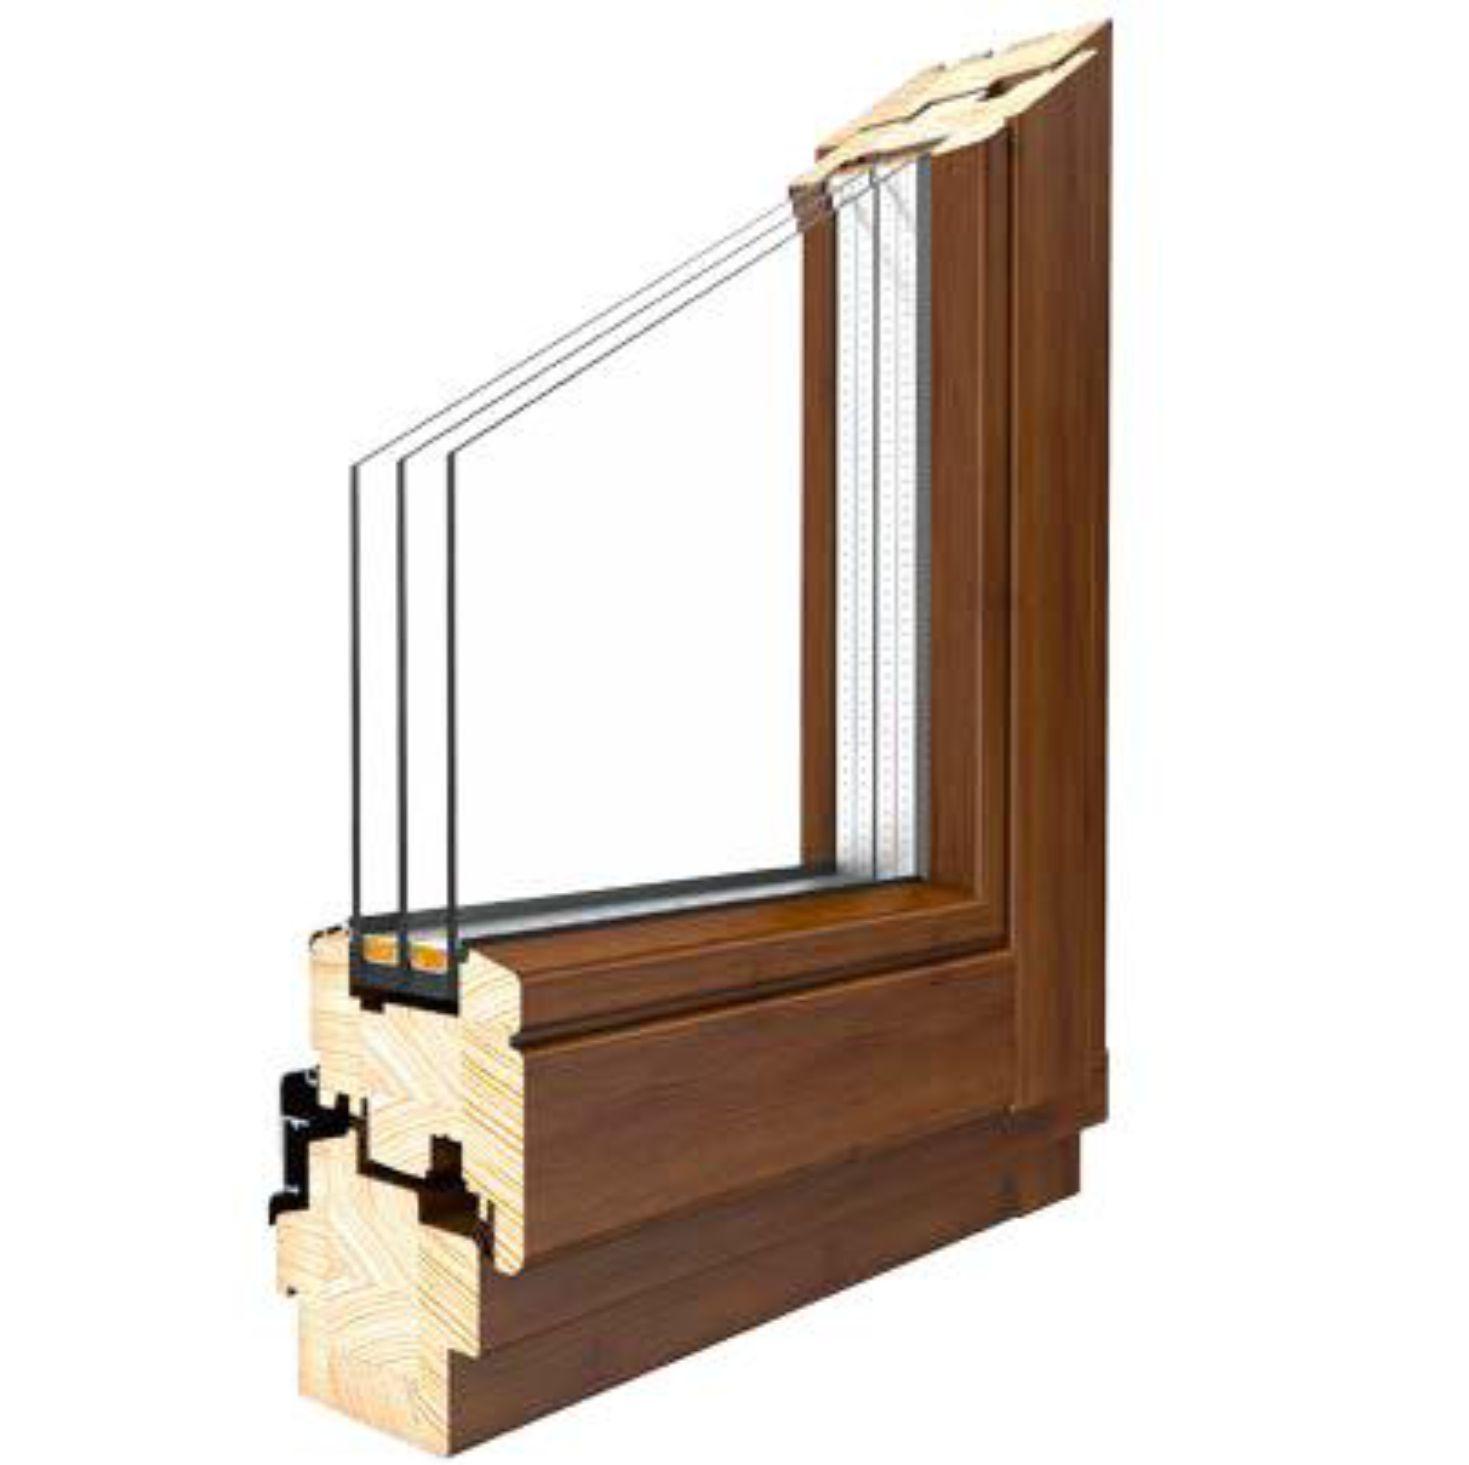 Full Size of Fenster Dreifachverglasung Holzfenster Drutesoftline 78 Kiefer Holz Alle Gren Bodentiefe Sichtschutzfolie Einseitig Durchsichtig Veka Kosten Neue Pvc Alu Fenster Fenster Dreifachverglasung